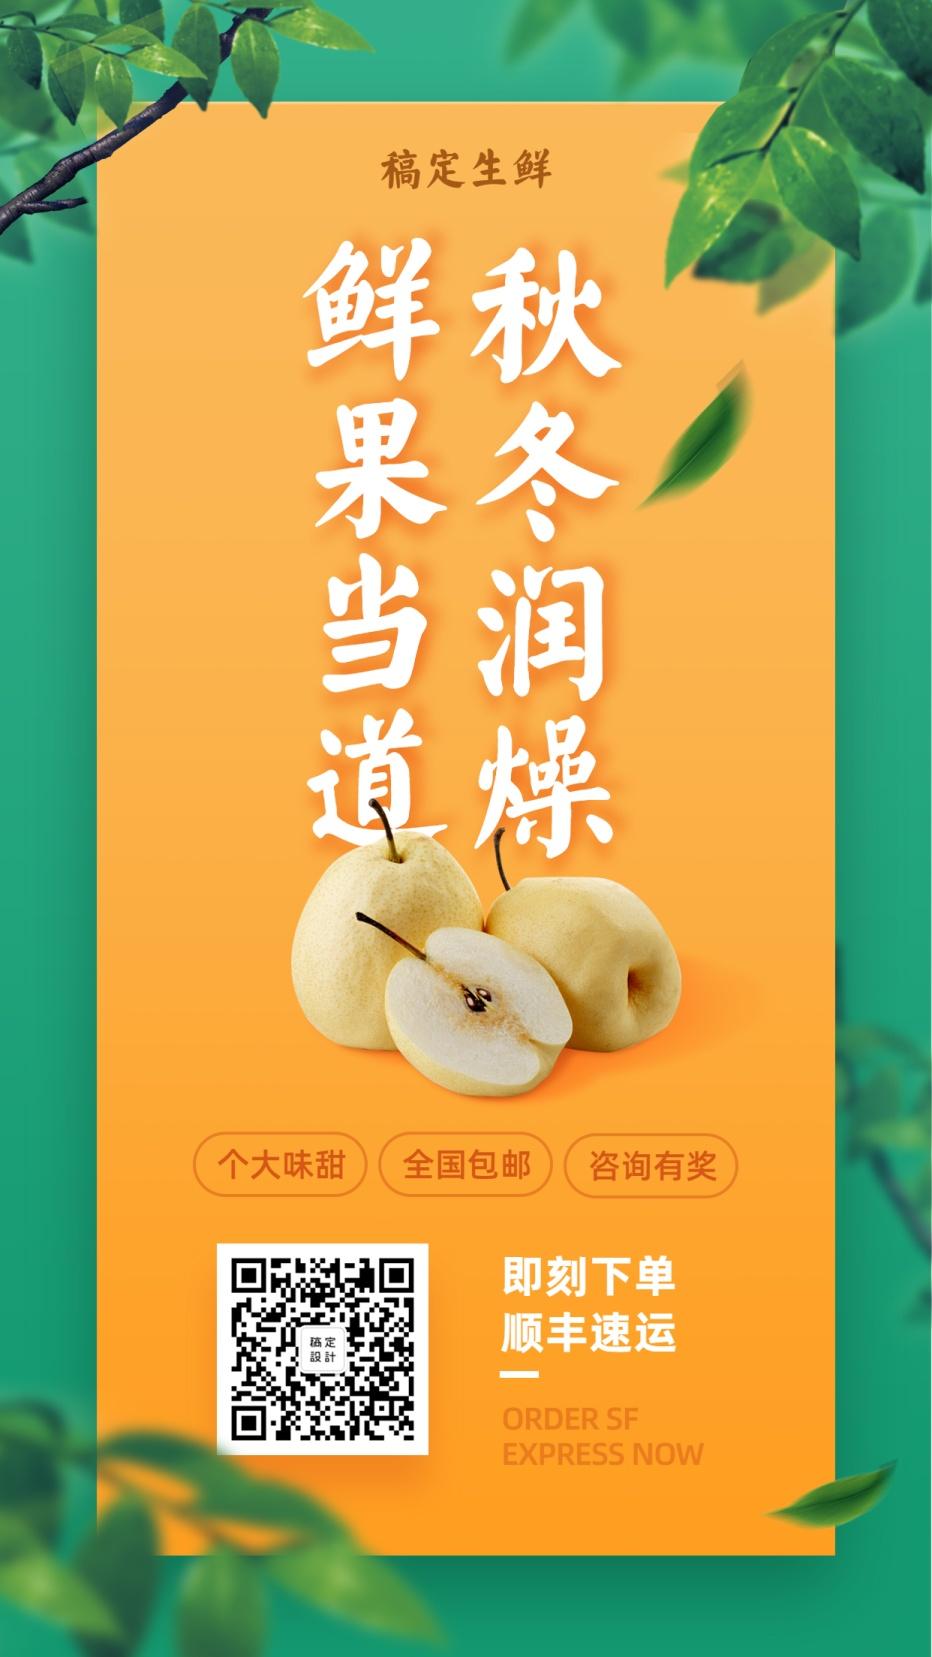 餐饮美食/秋冬水果推荐/简约清新/手机海报